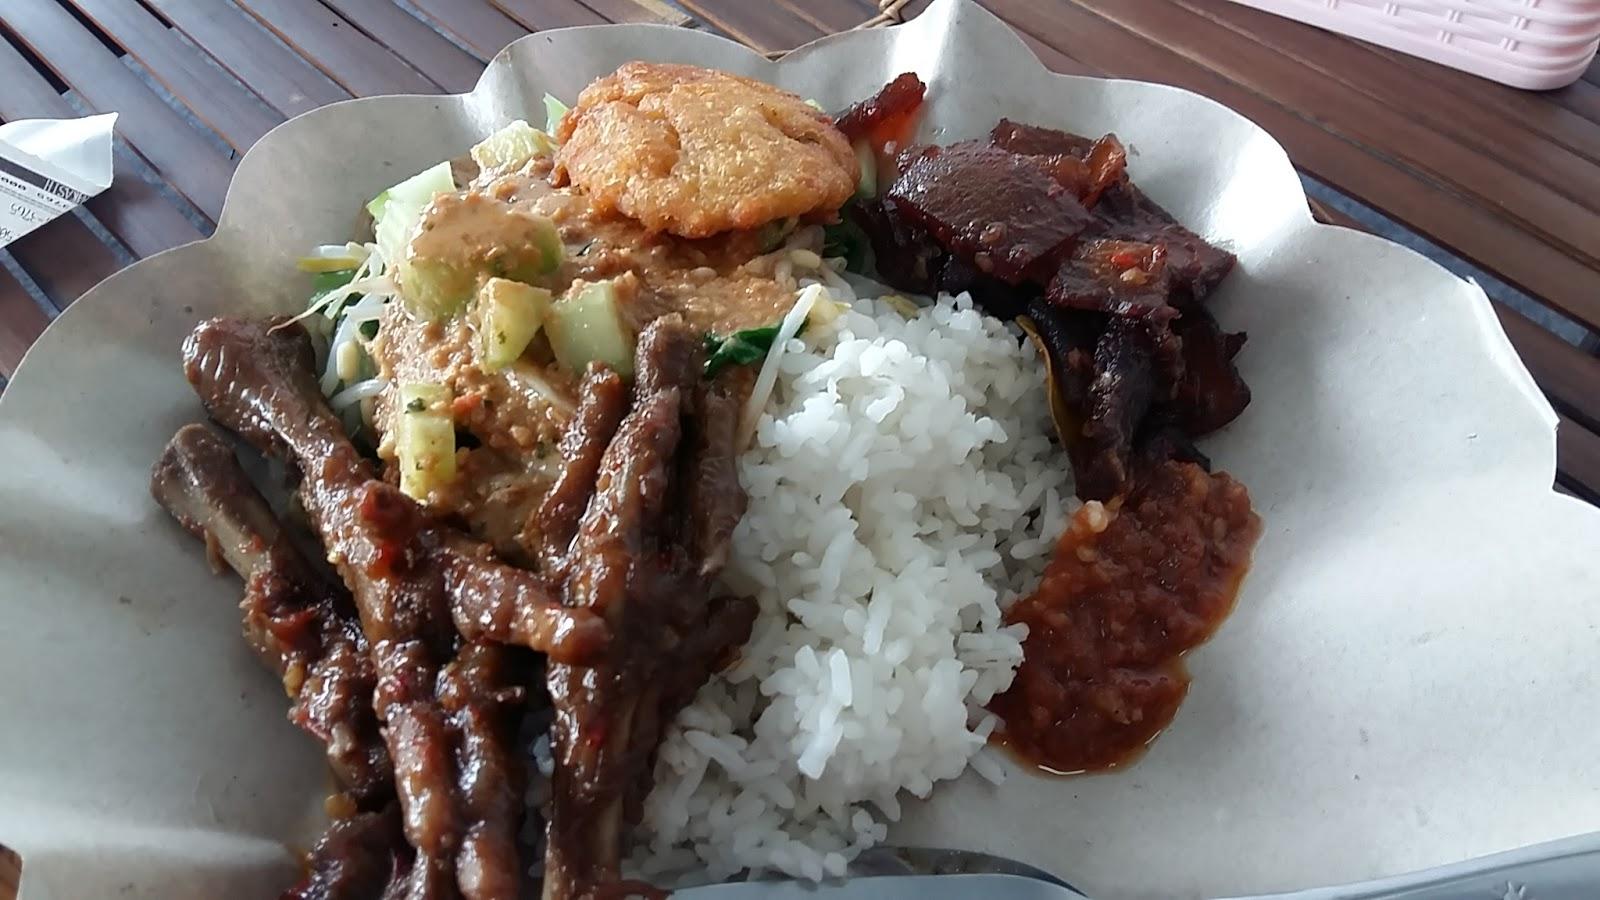 Wisata Kuliner Halal Murah Dan Enak Di Bali Ala Backpacker